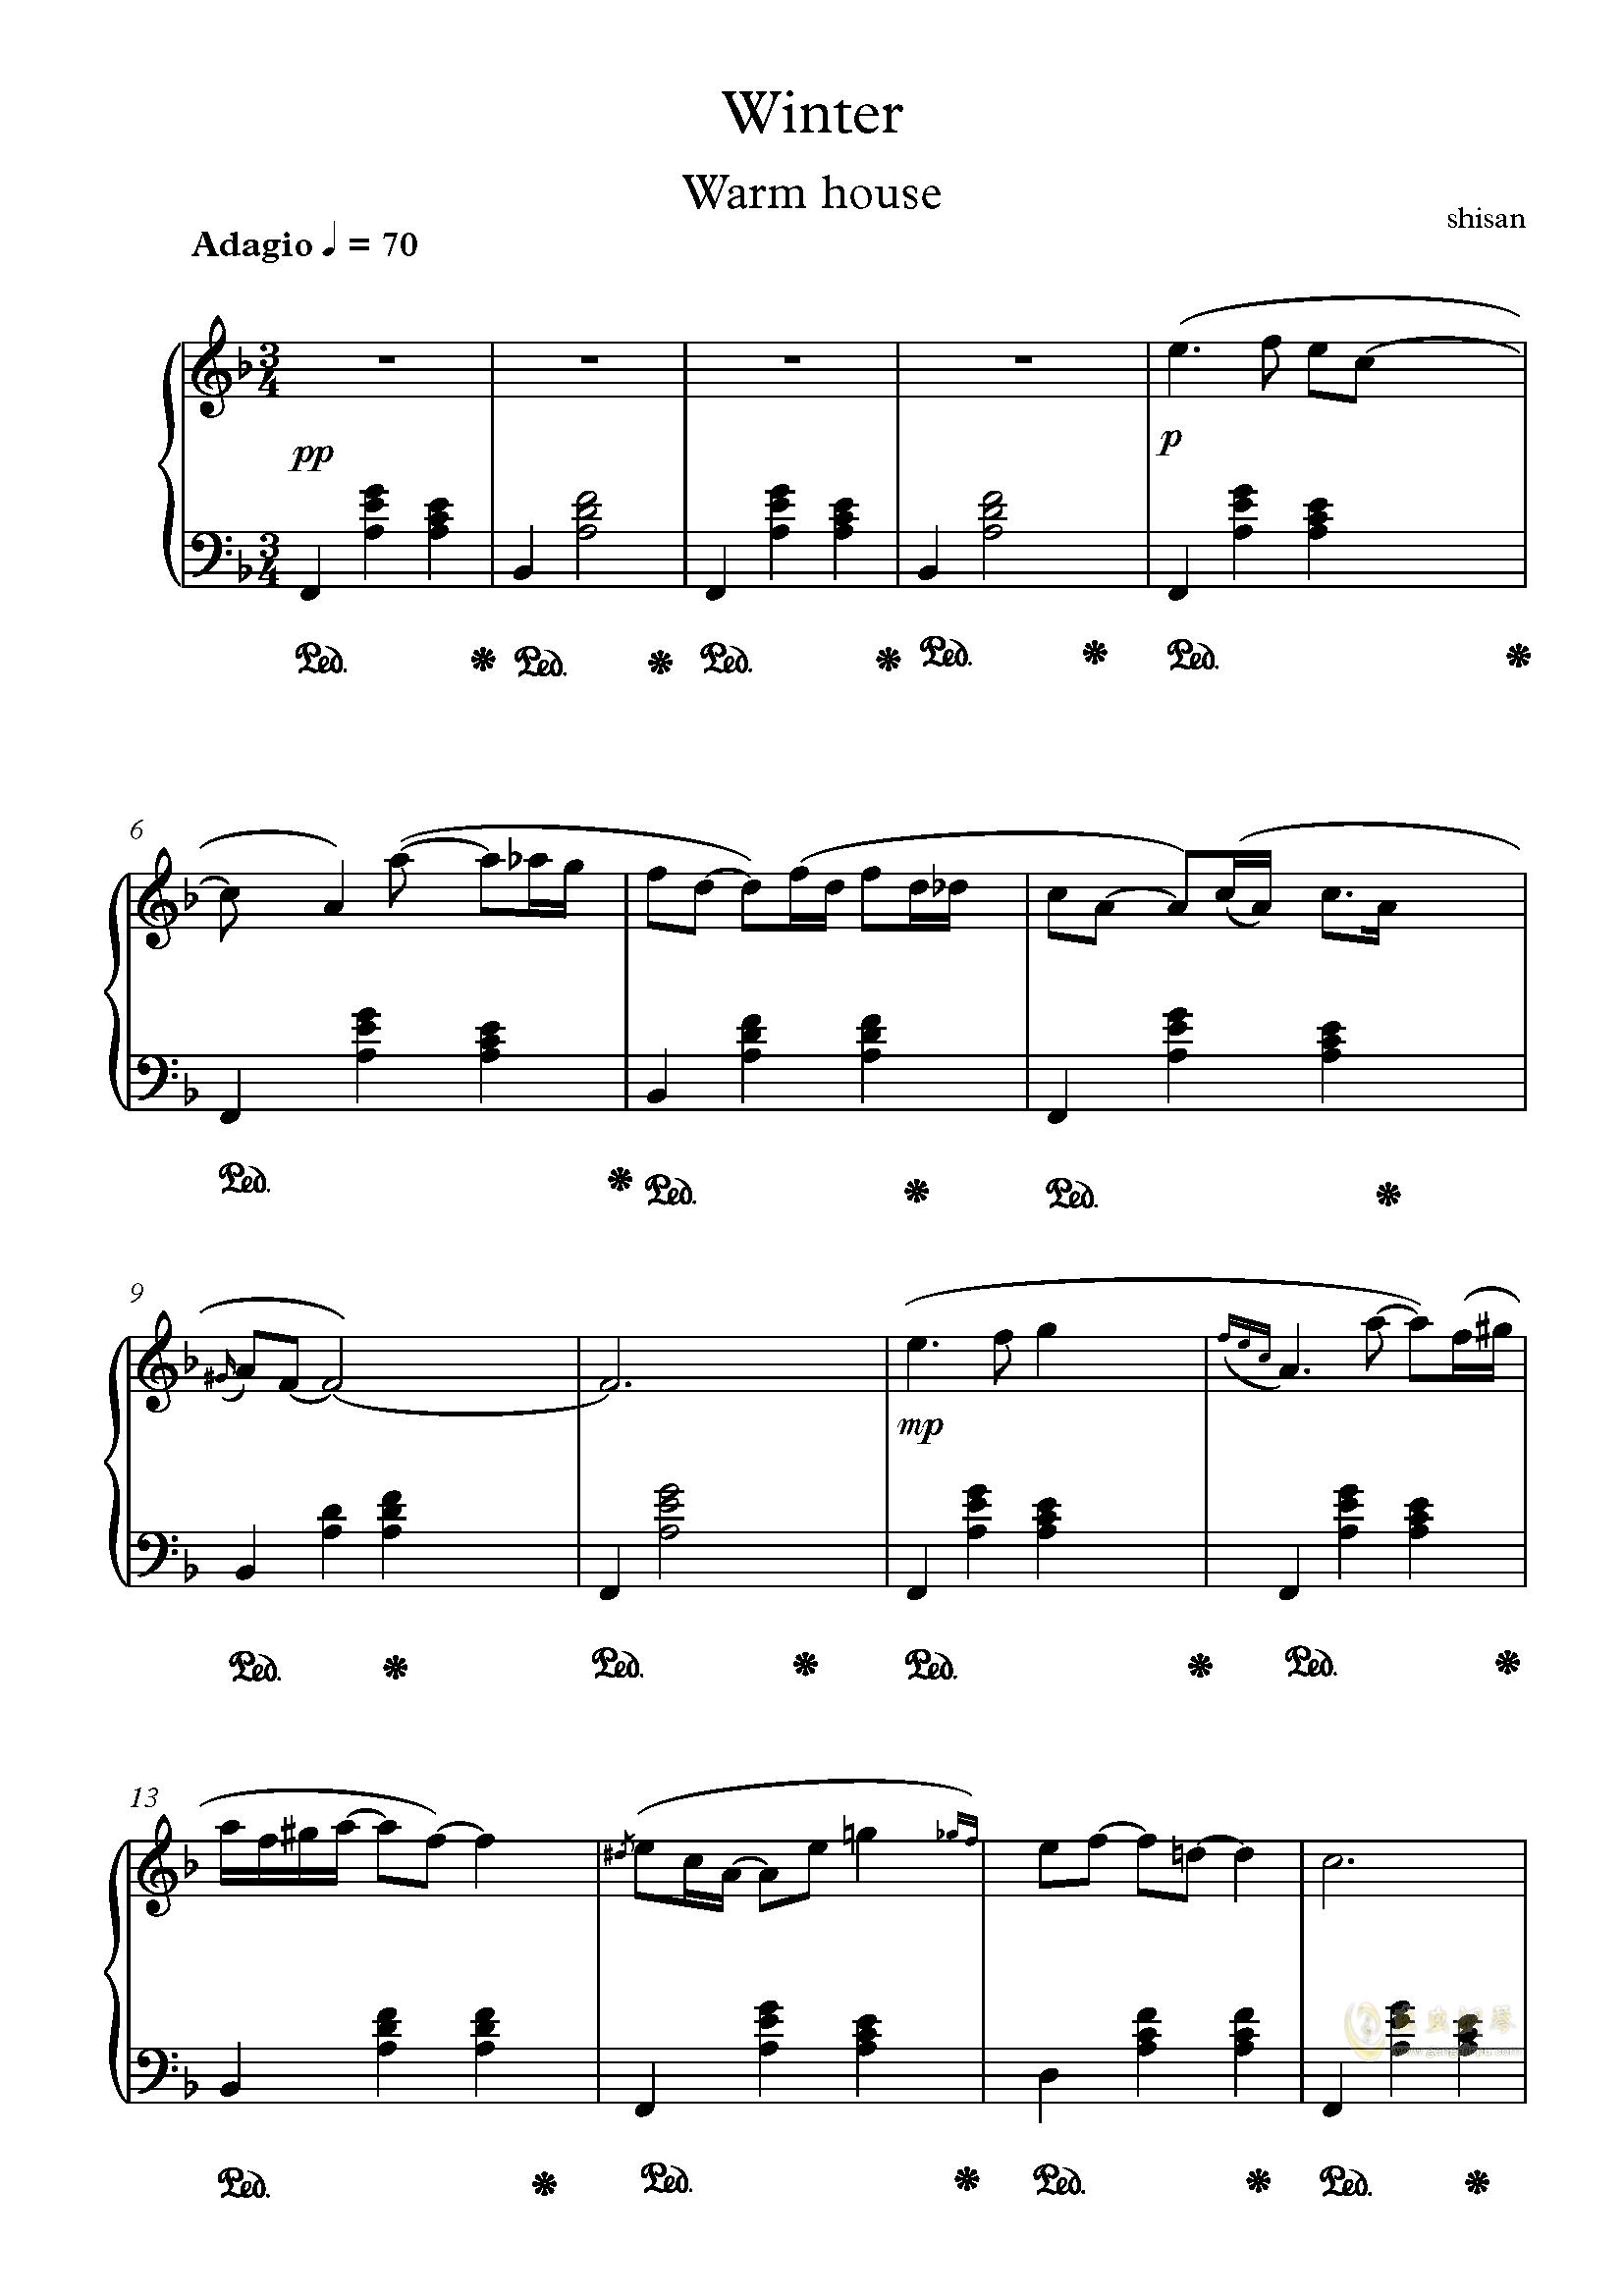 冬暖钢琴简谱_愿你三冬暖图片